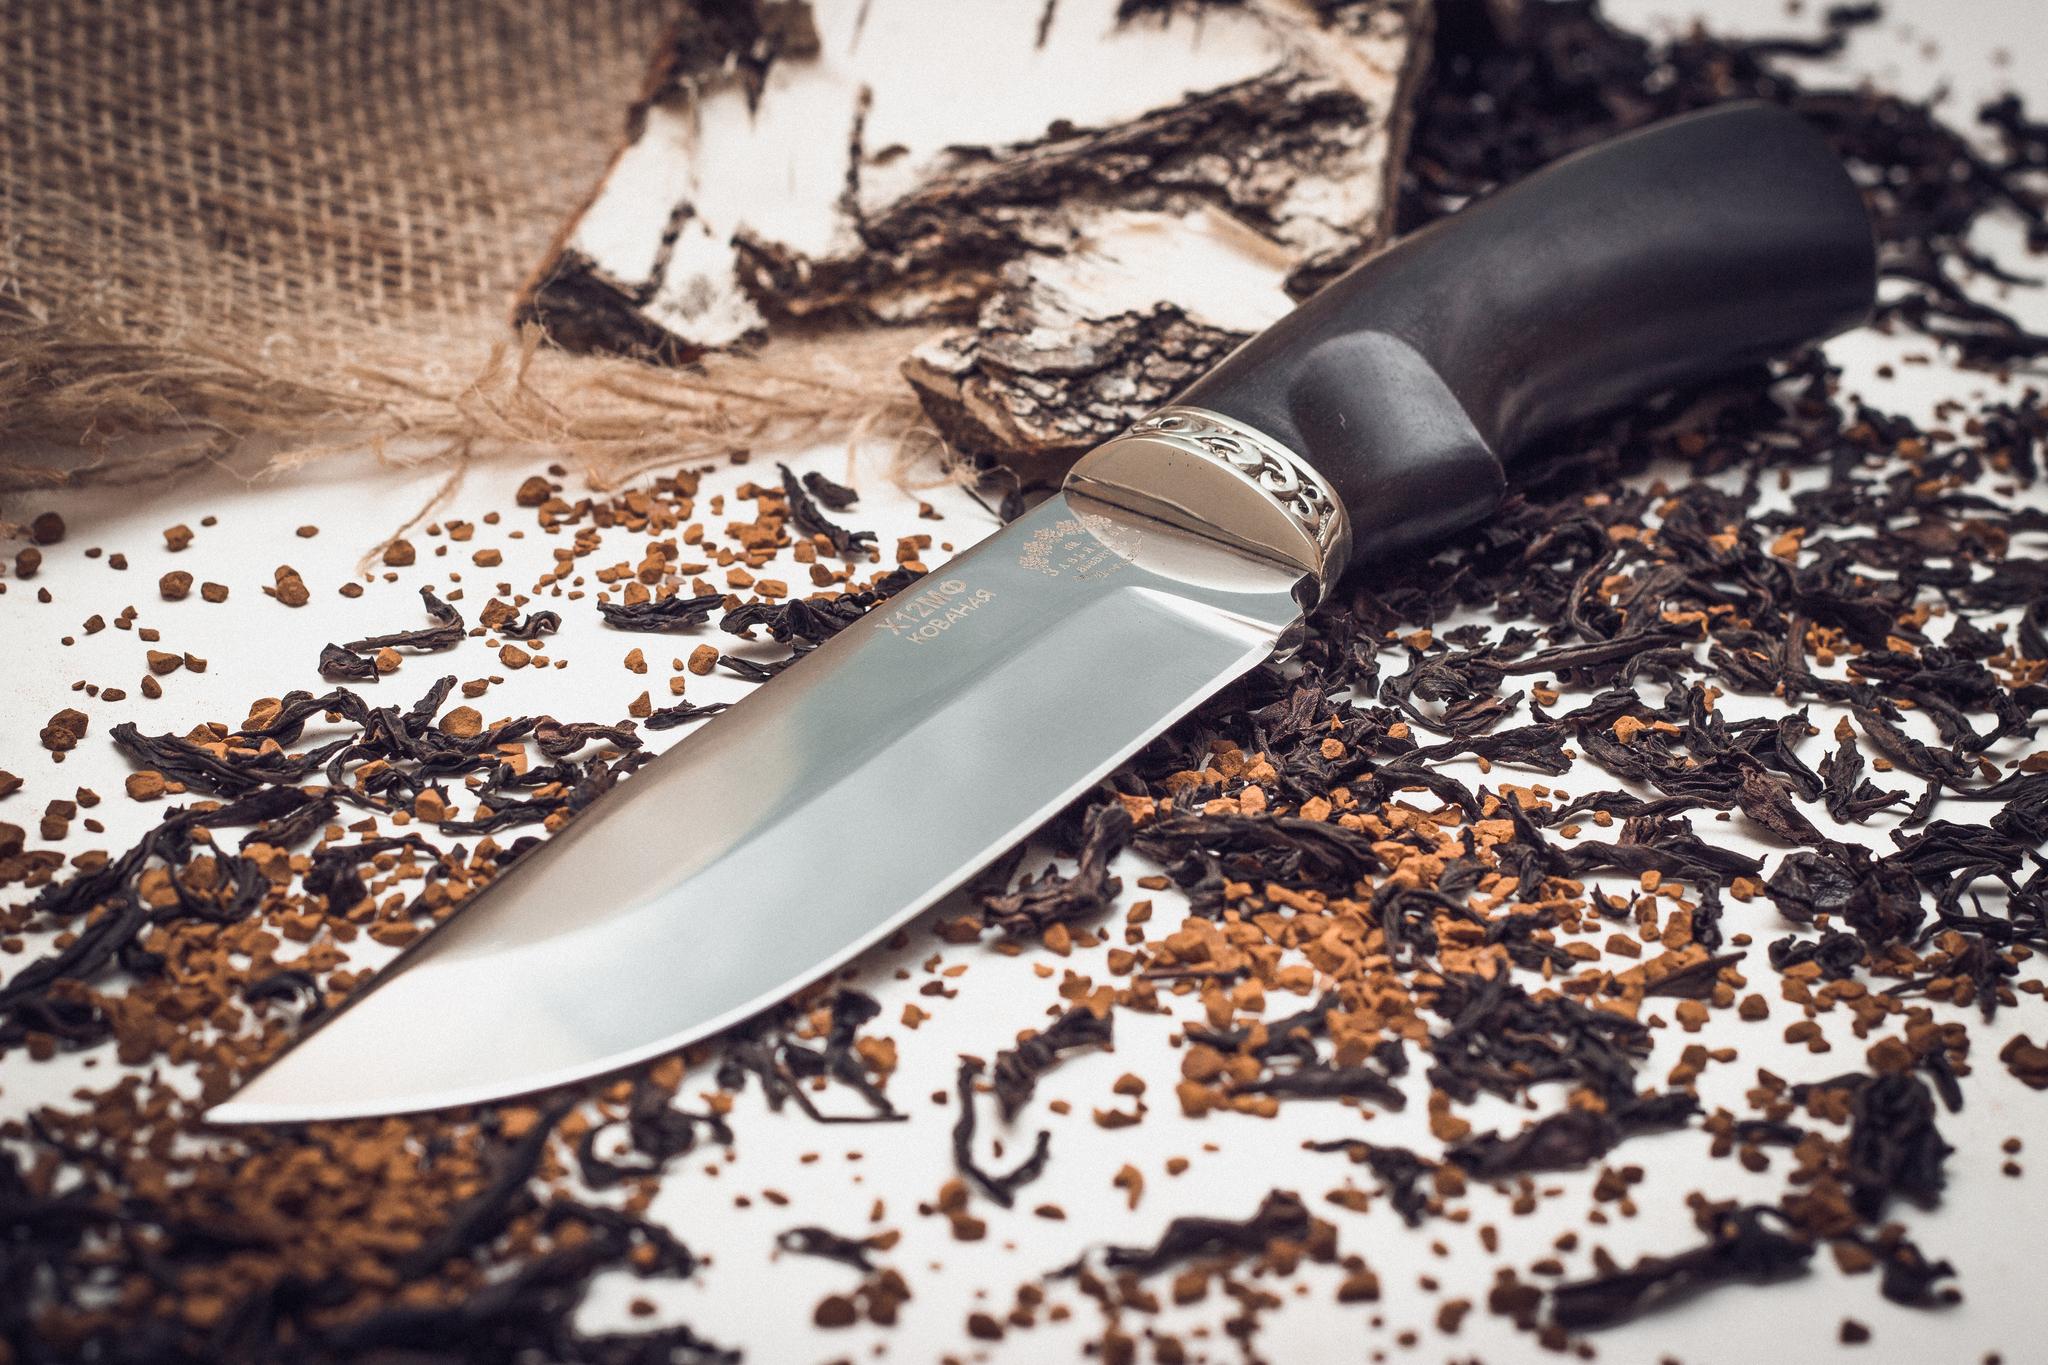 Фото 5 - Нож Курган черный граб от Кузница Завьялова